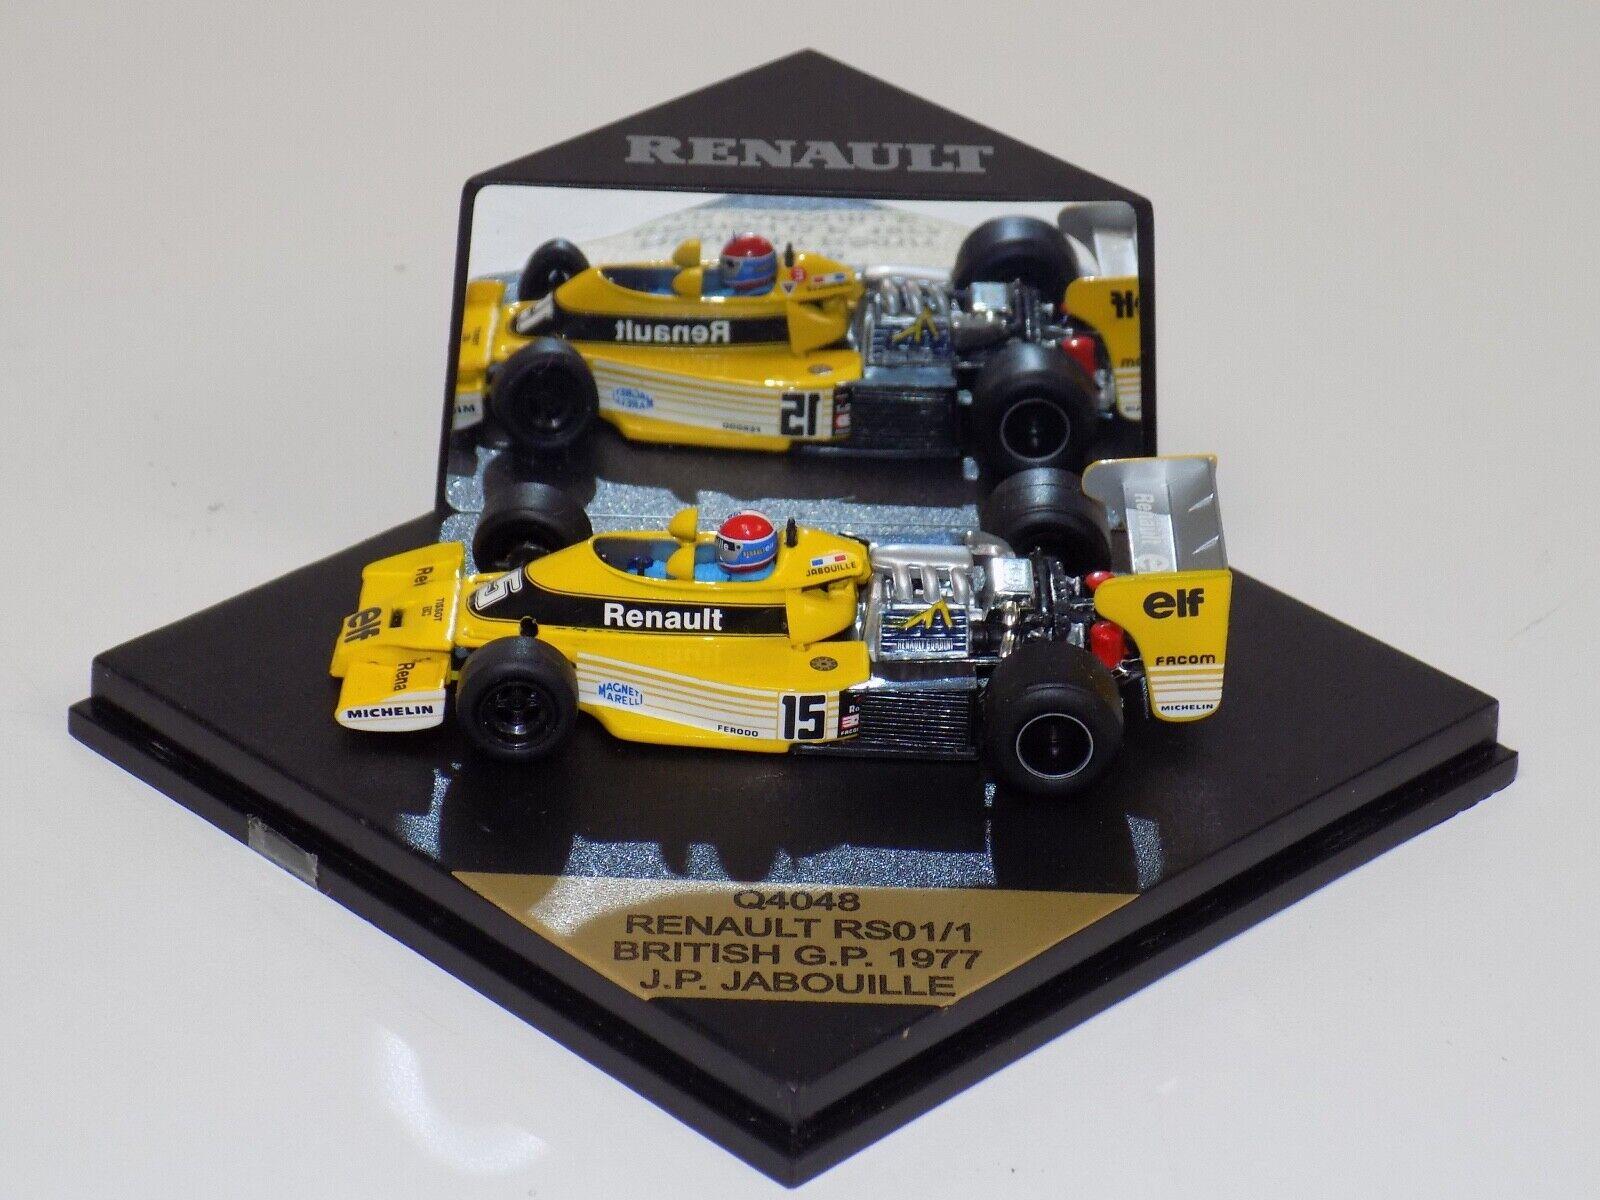 1 43 Quartzo F1 Renault RS01 1 Car British GP J.P.Jabouille Q4048